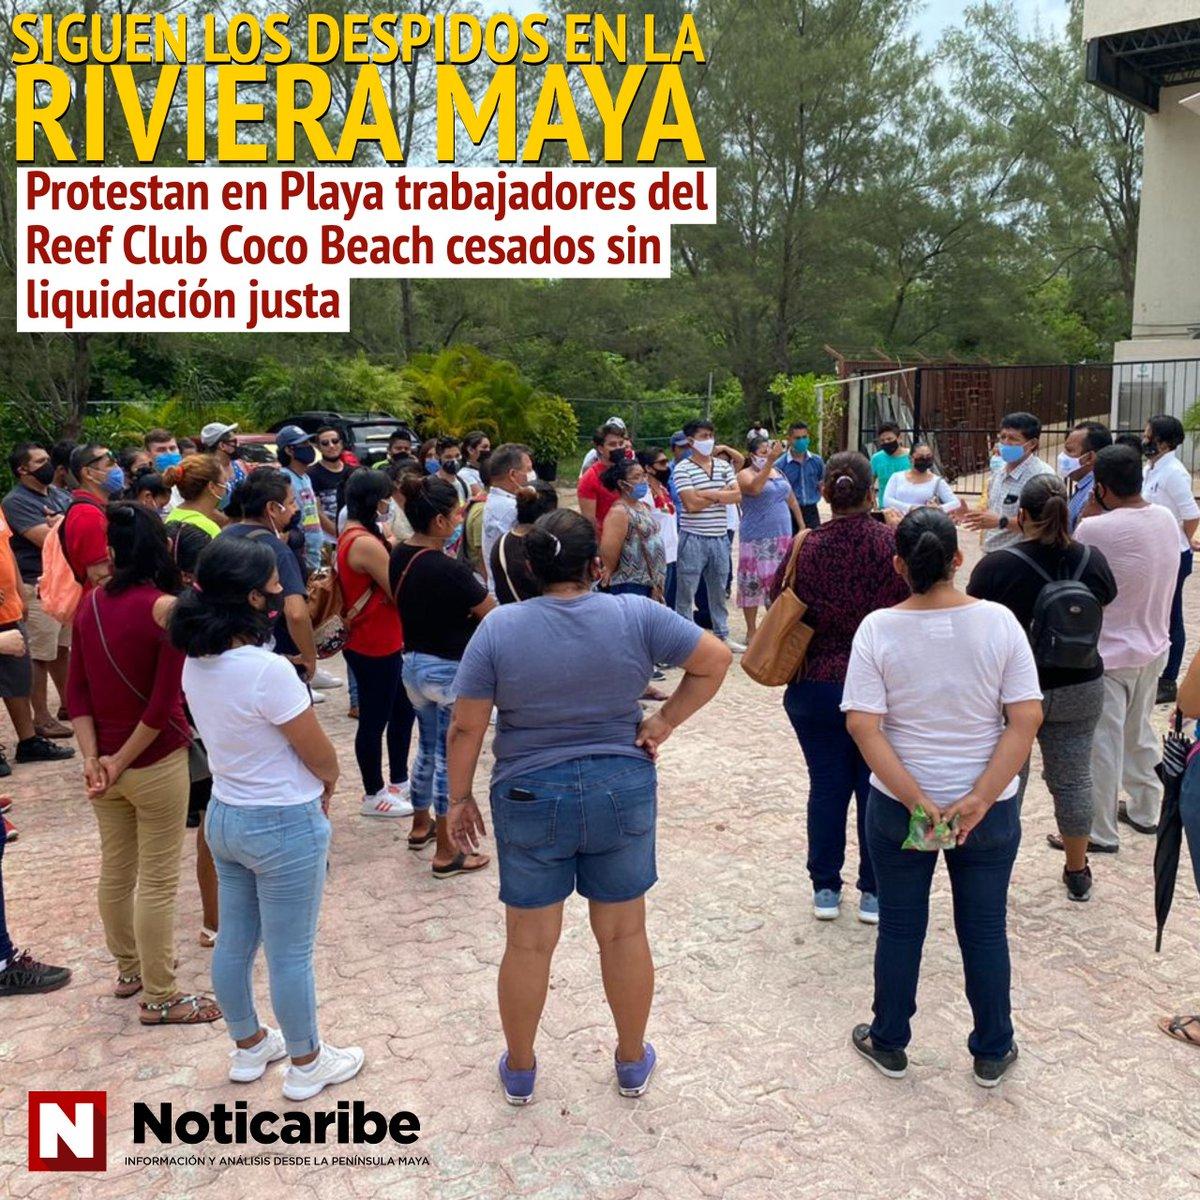 #Ayer SIGUEN DESPIDOS EN HOTELES DE LA RIVIERA MAYA: Protestan en Playa trabajadores del Reef Club Coco Beach cesados sin liquidación justa   https://t.co/GWb6zNNDTM https://t.co/oTceWczpAj